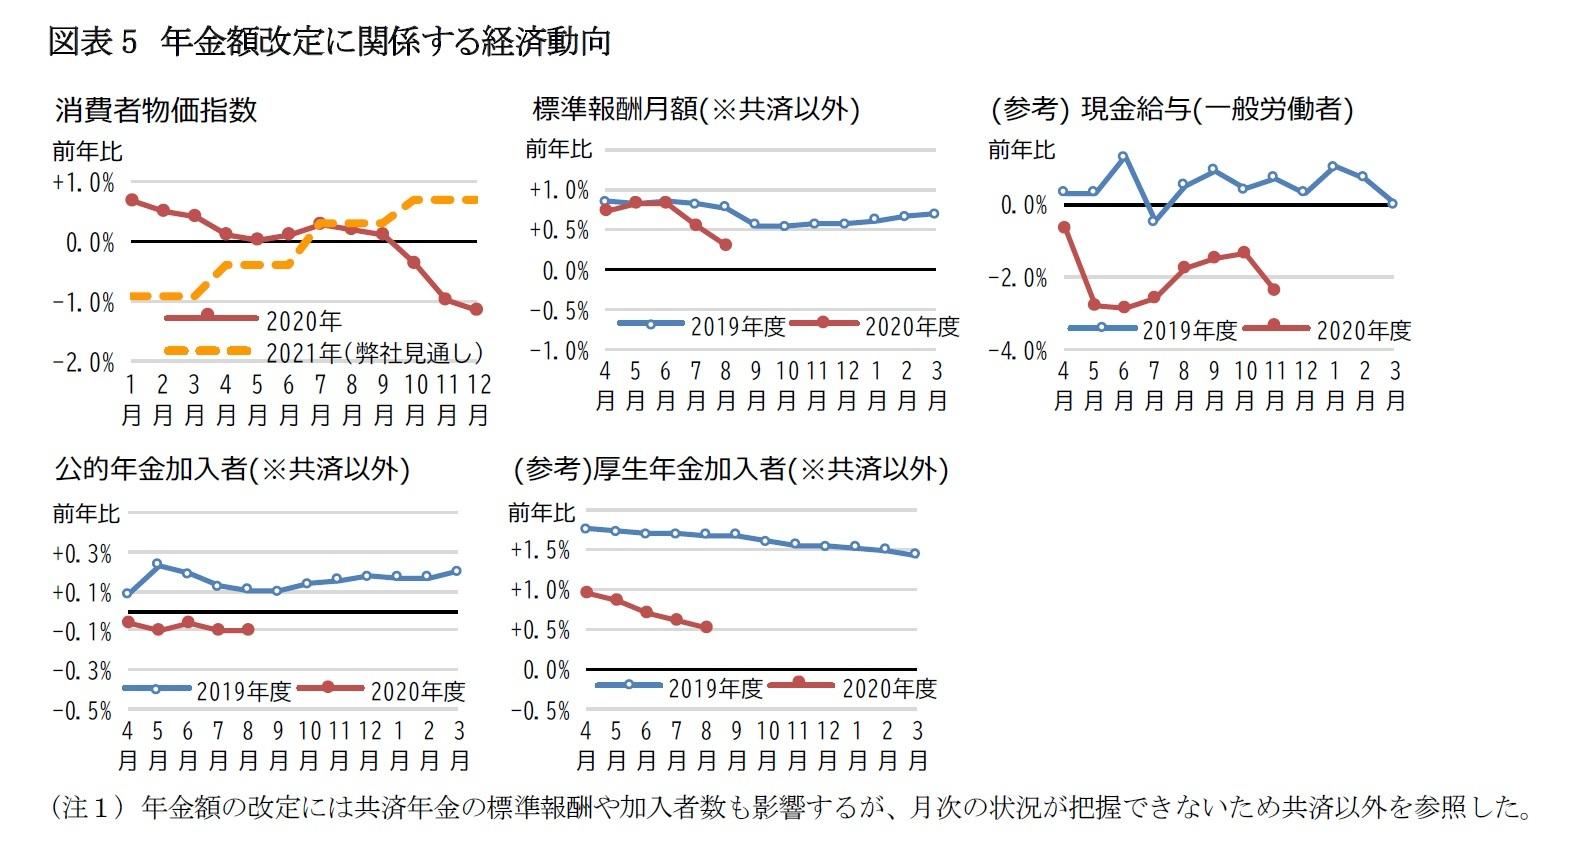 図表5 年金額改定に関係する経済動向